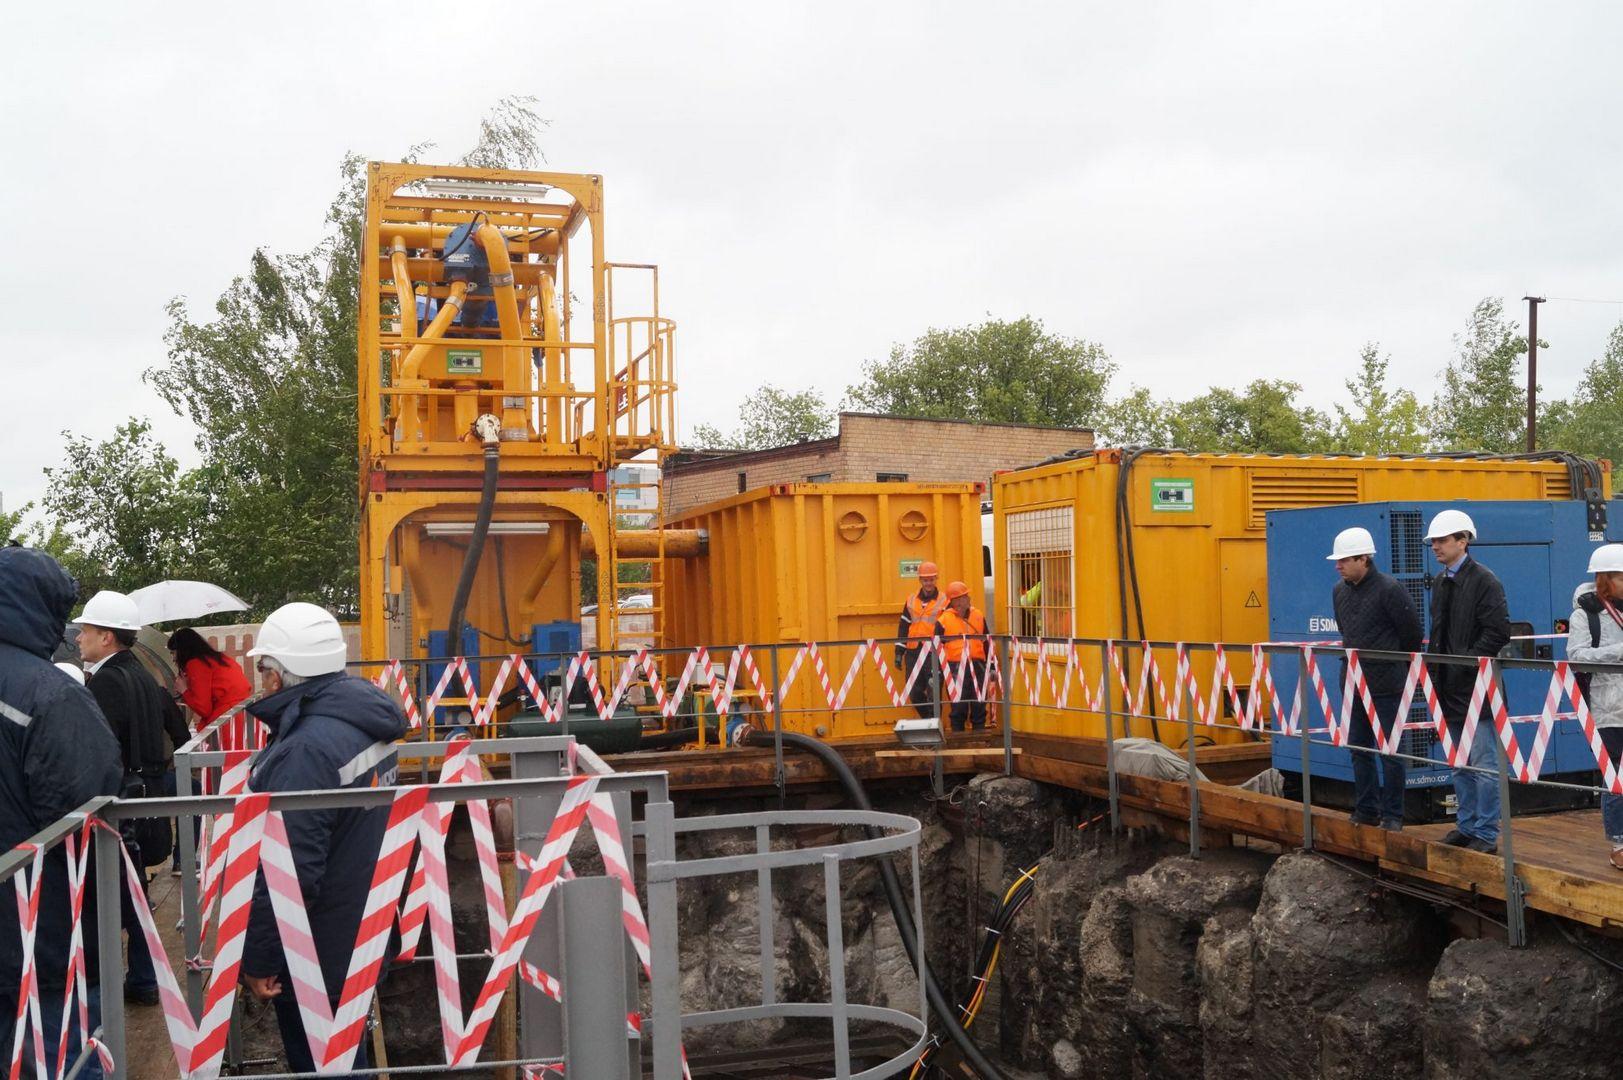 строитель, мосгаз, реконструкция газопровода, дюкер, трубы, стройплощадка